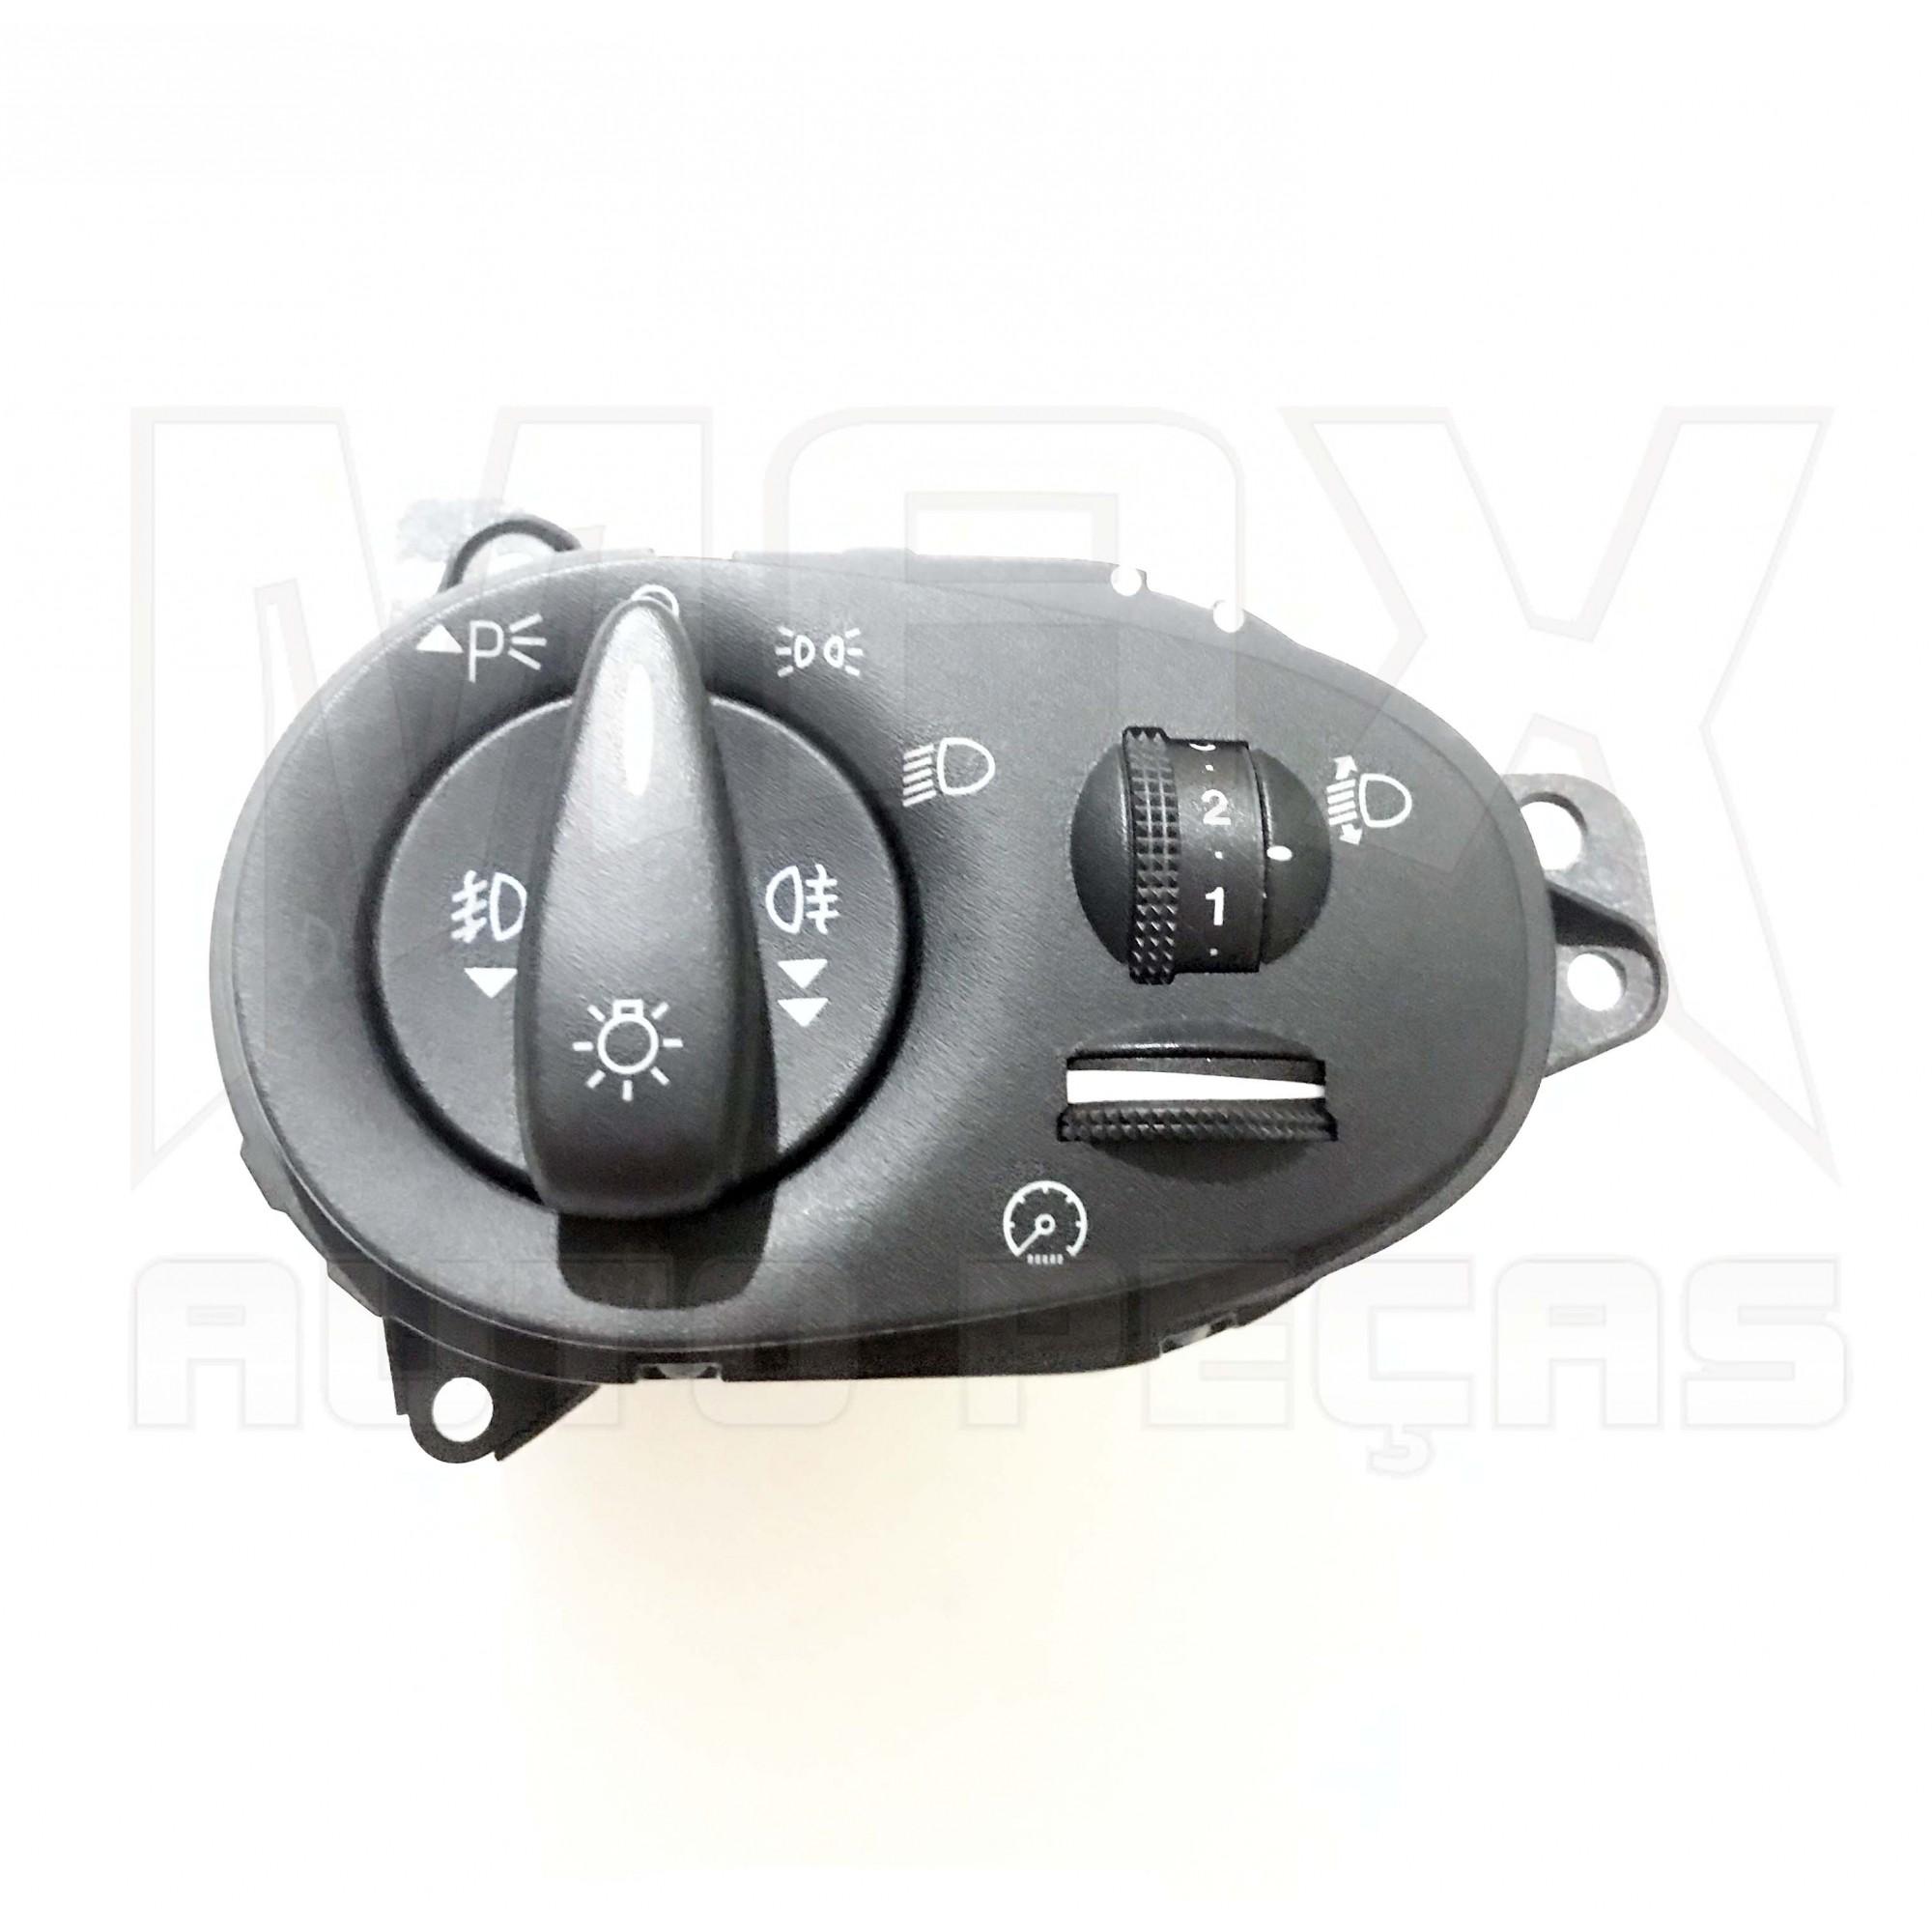 Interruptor Luzes Painel com Reostato e Ajuste Altura Focus 2000 à 2008 Original